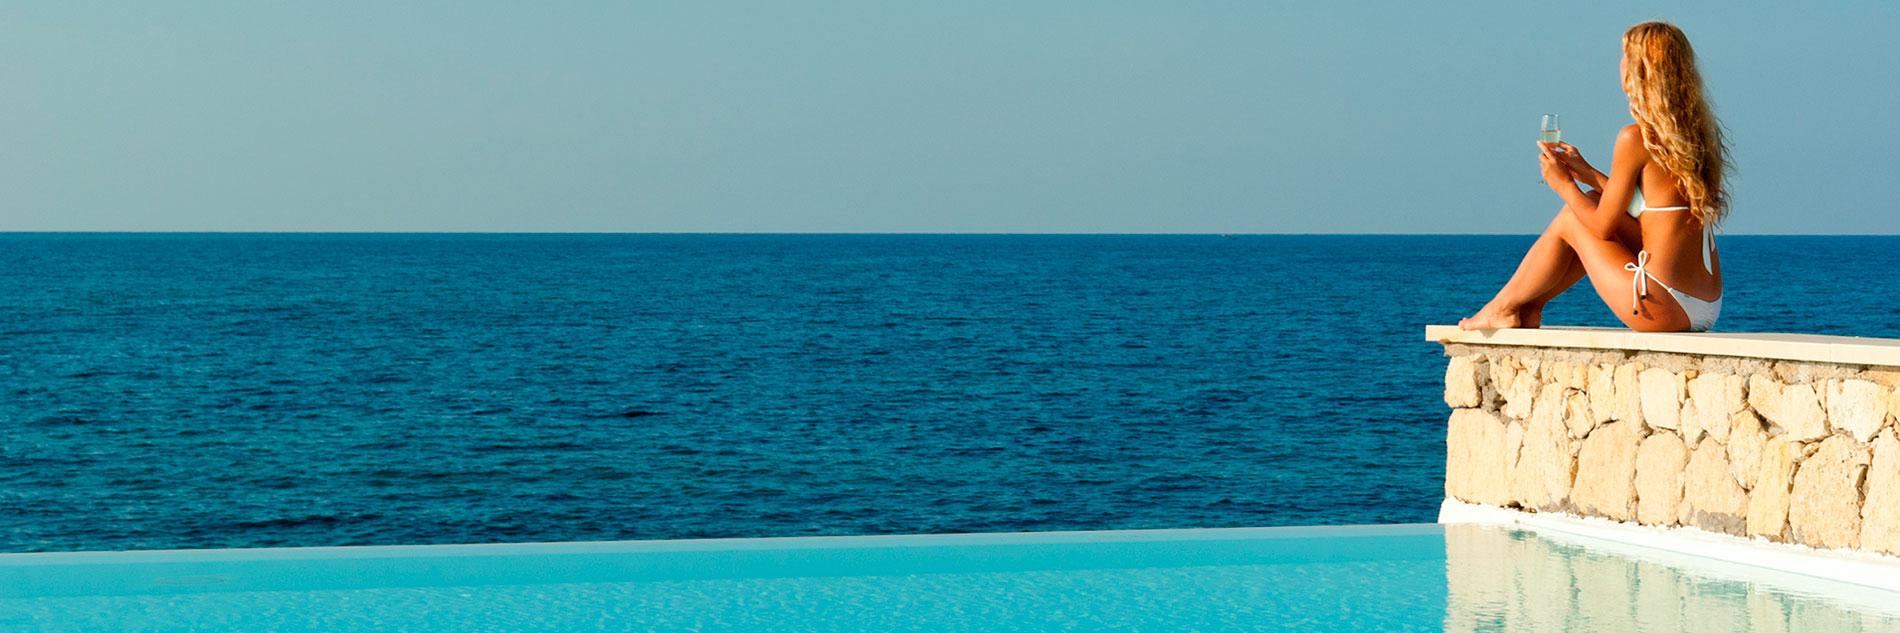 Orejas de soplillo Marbella